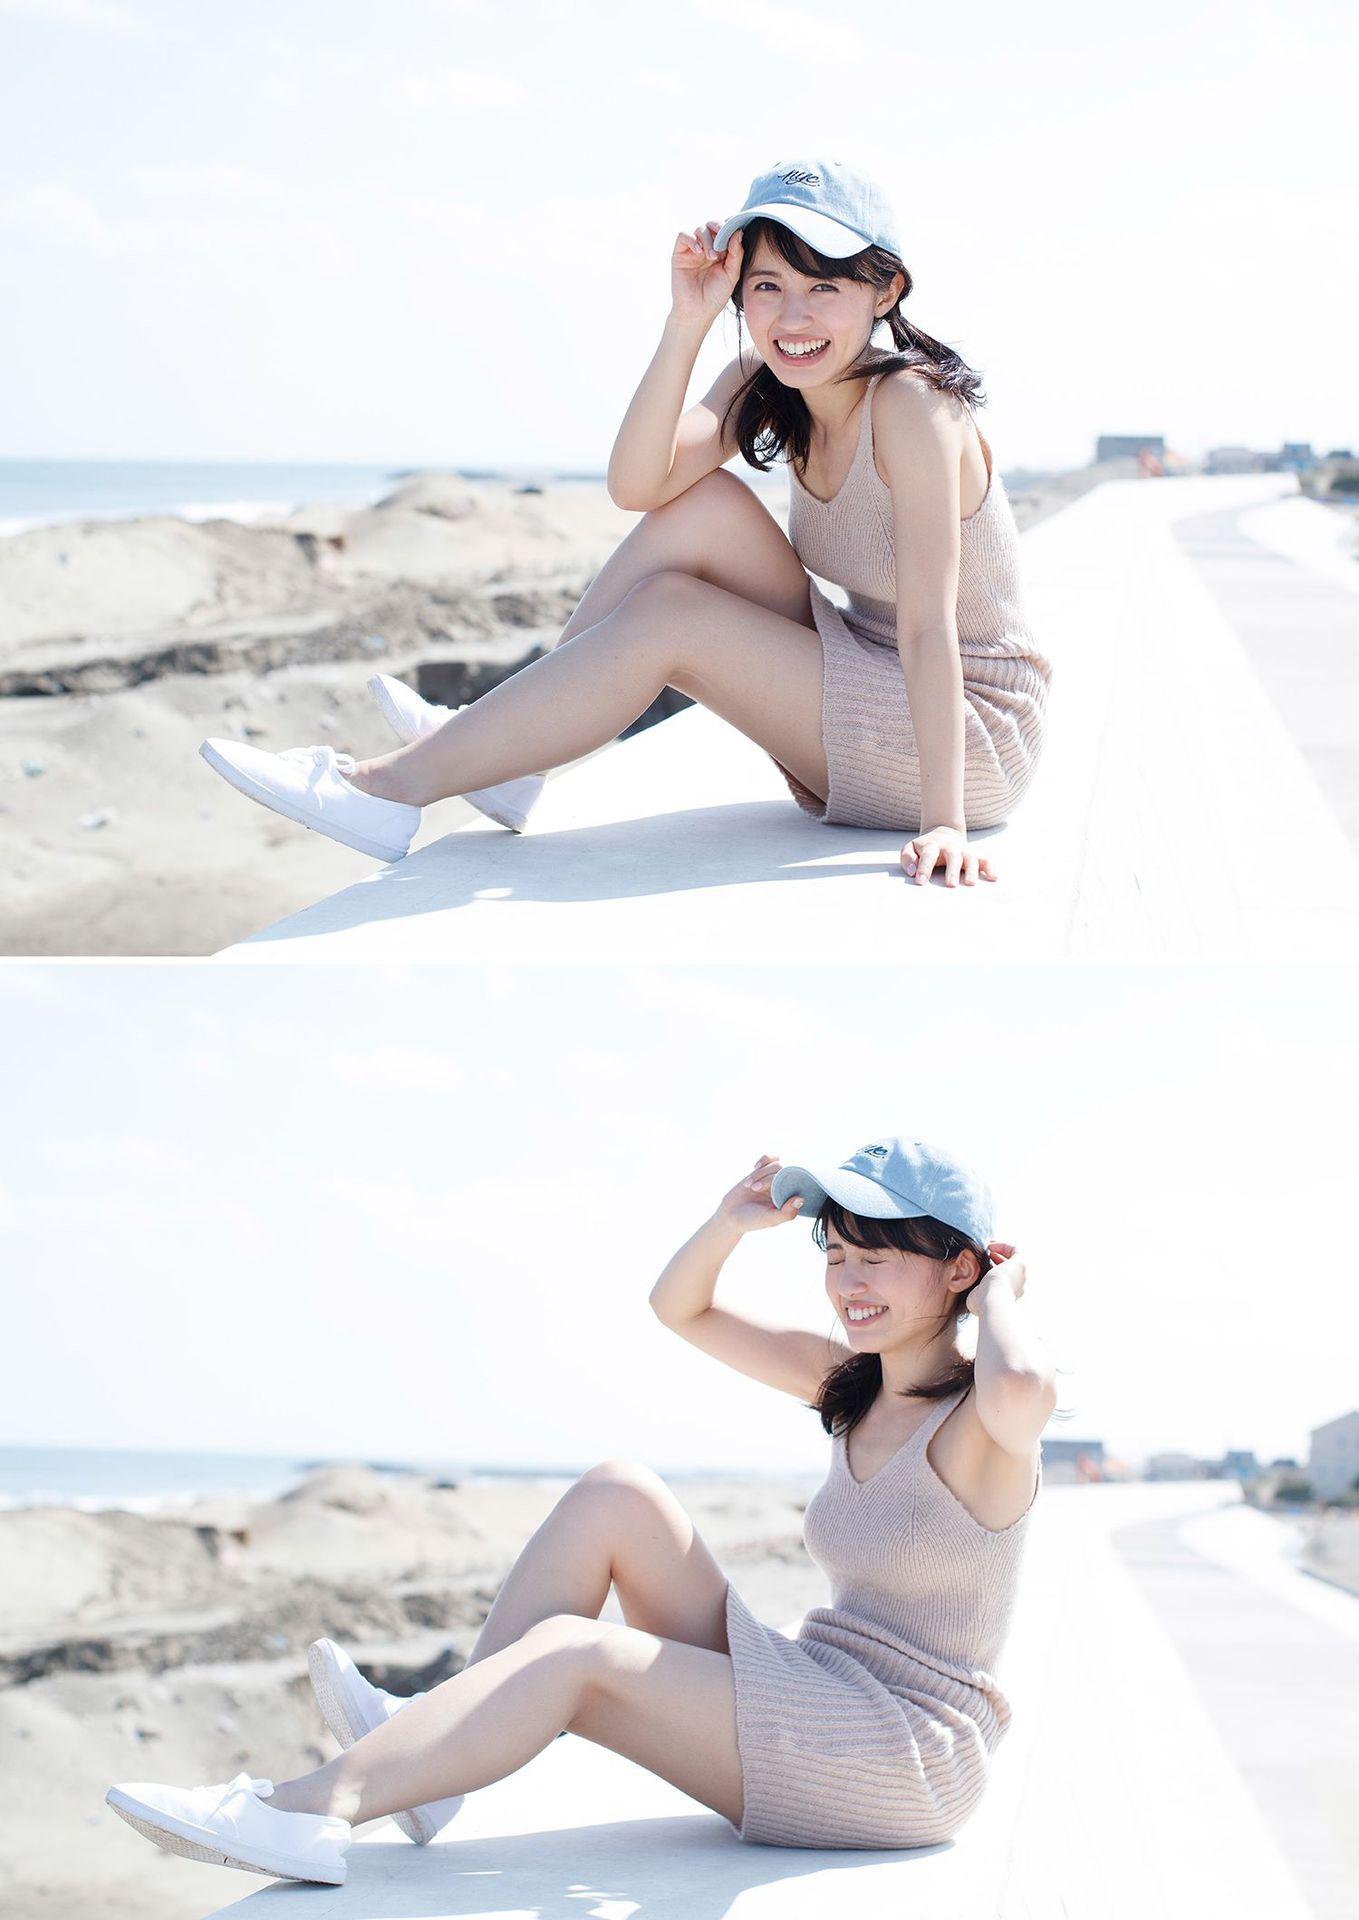 Voice actor Rikako Oita026